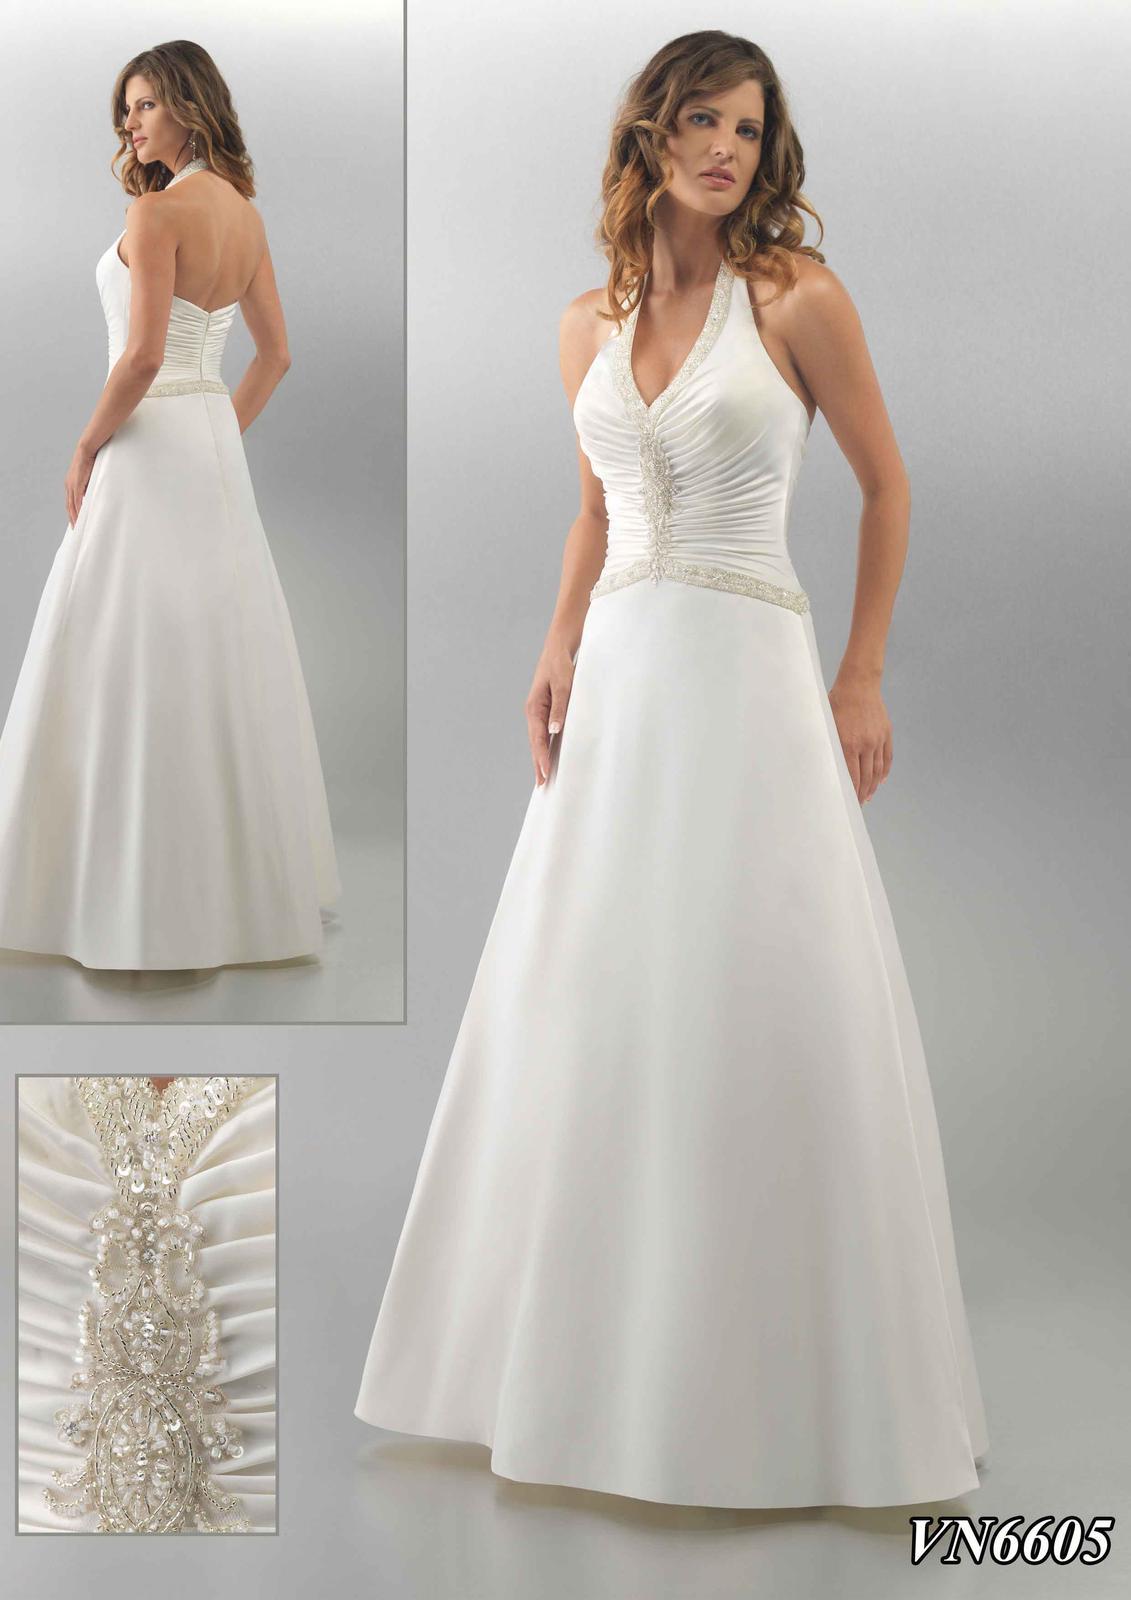 Výprodej svatebních šatů od 1500 Kč - Obrázek č. 16